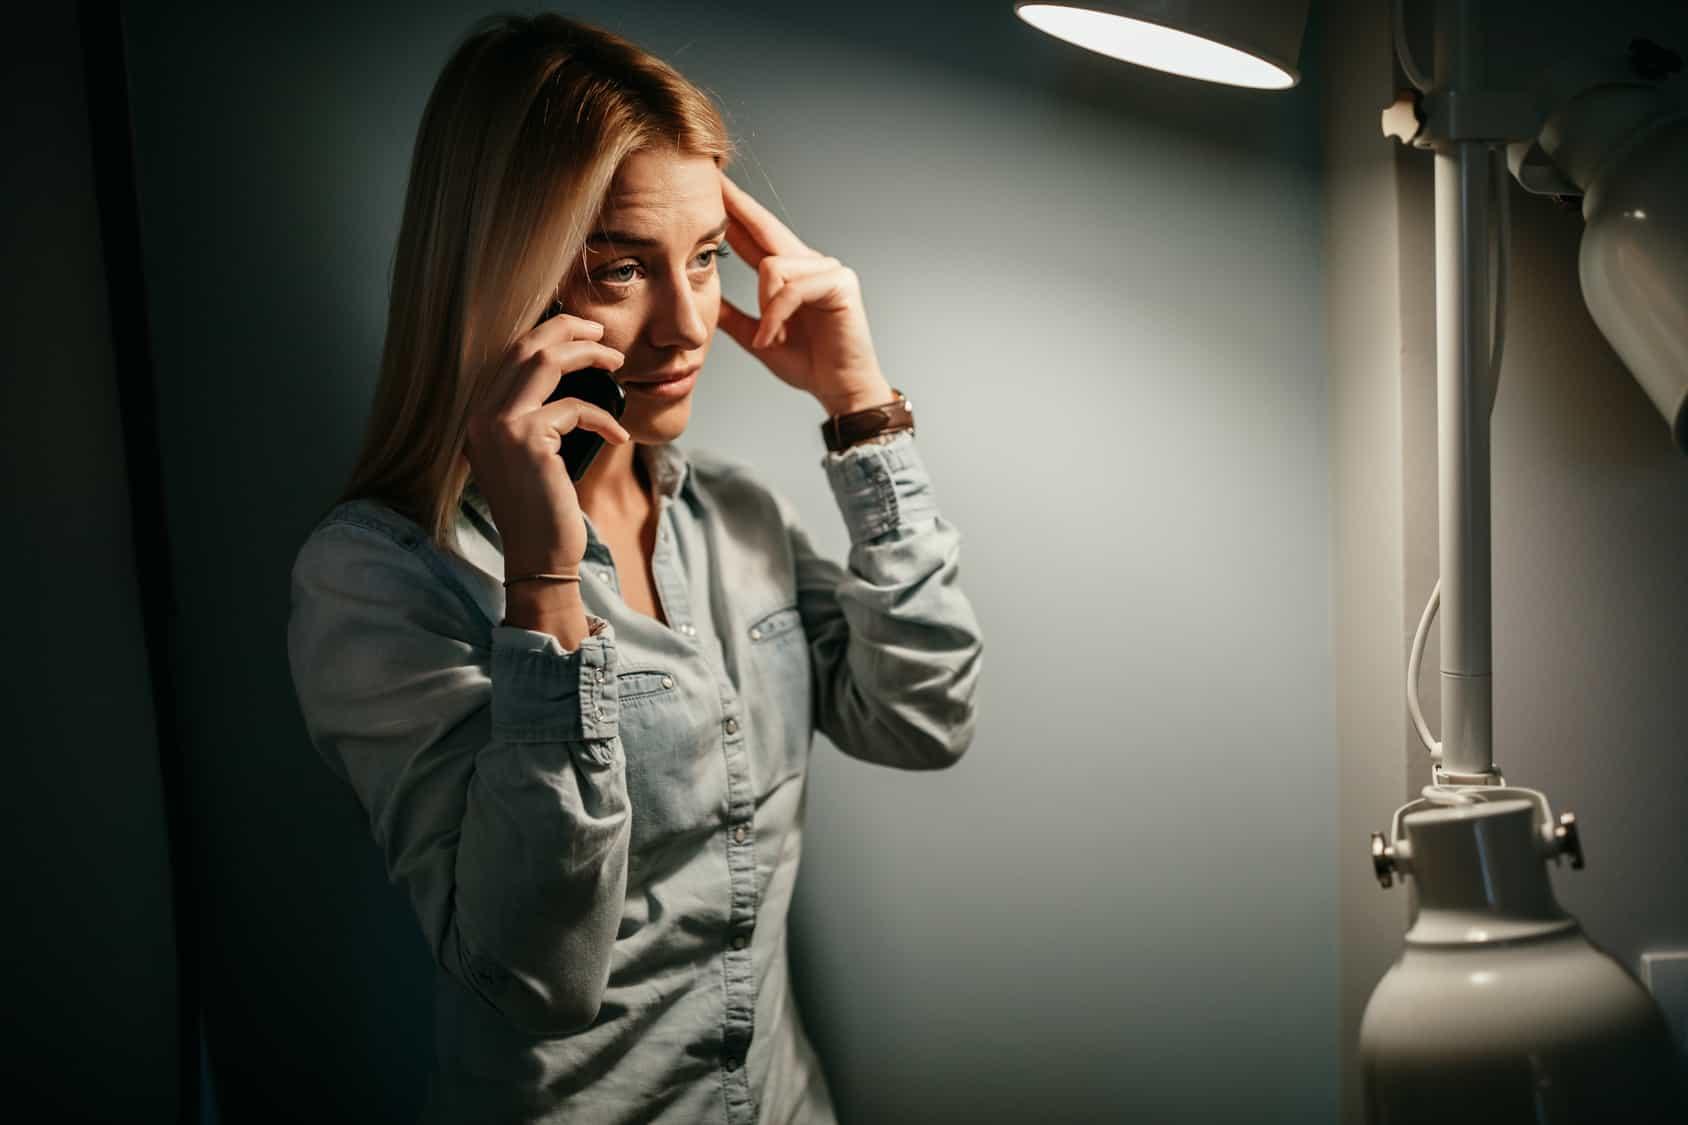 Las compañías telefónicas y de telecomunicaciones lanzan un SOS. Las extorsionan en varios municipios del norte del país